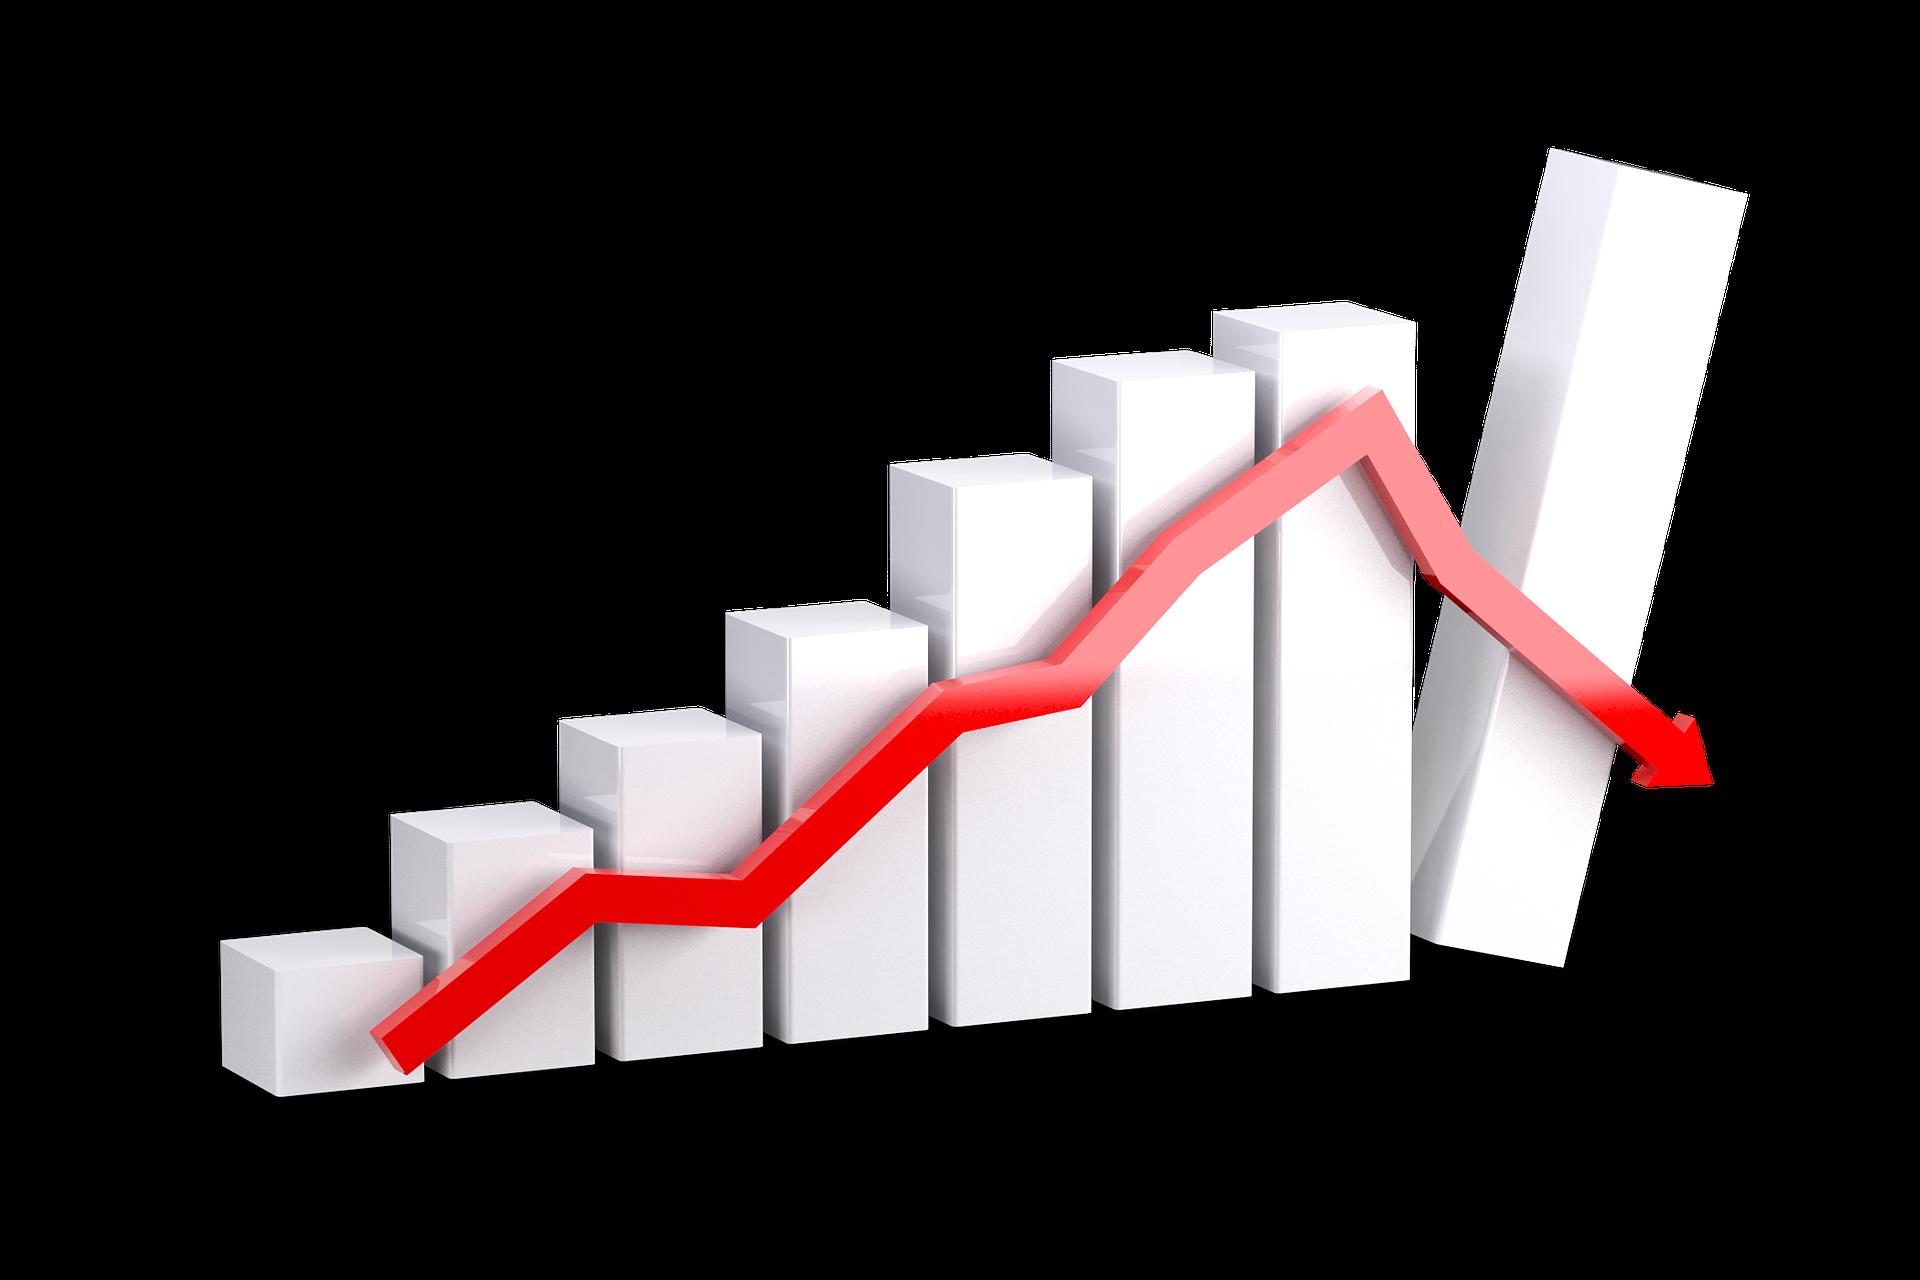 Le PIB français s'effondre : -6% au premier trimestre 2020